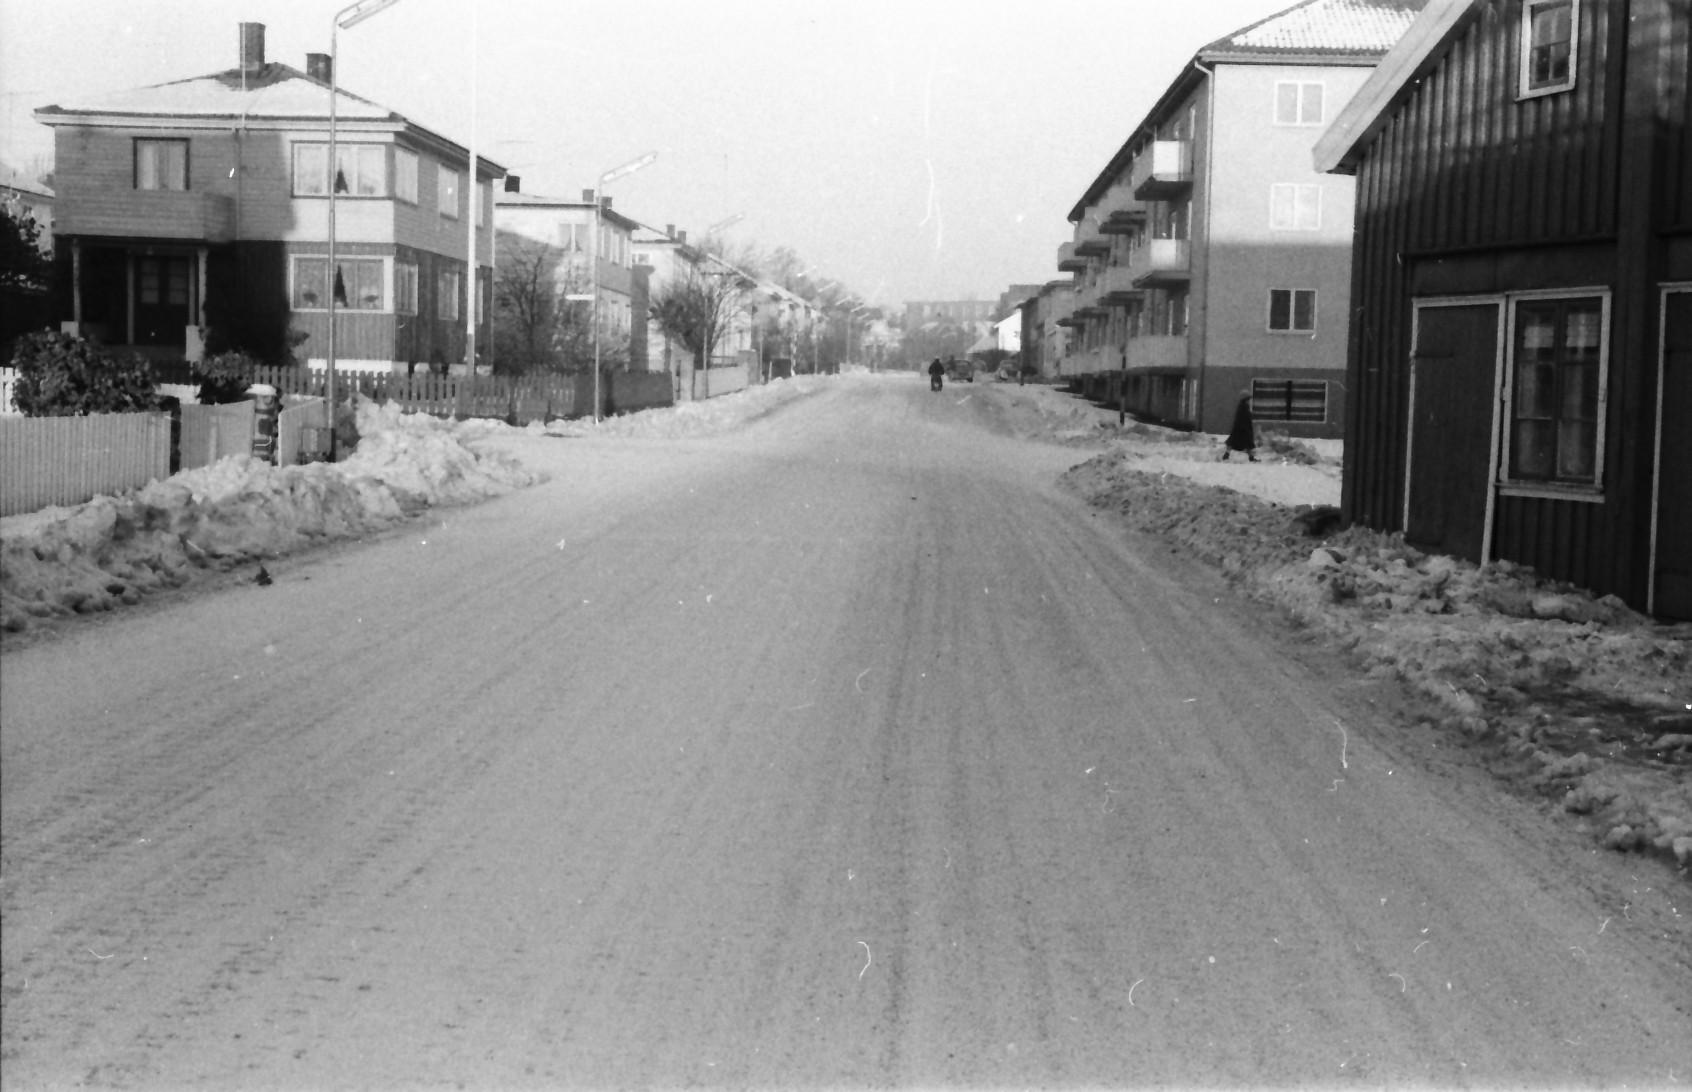 Bilde av Høsts gate